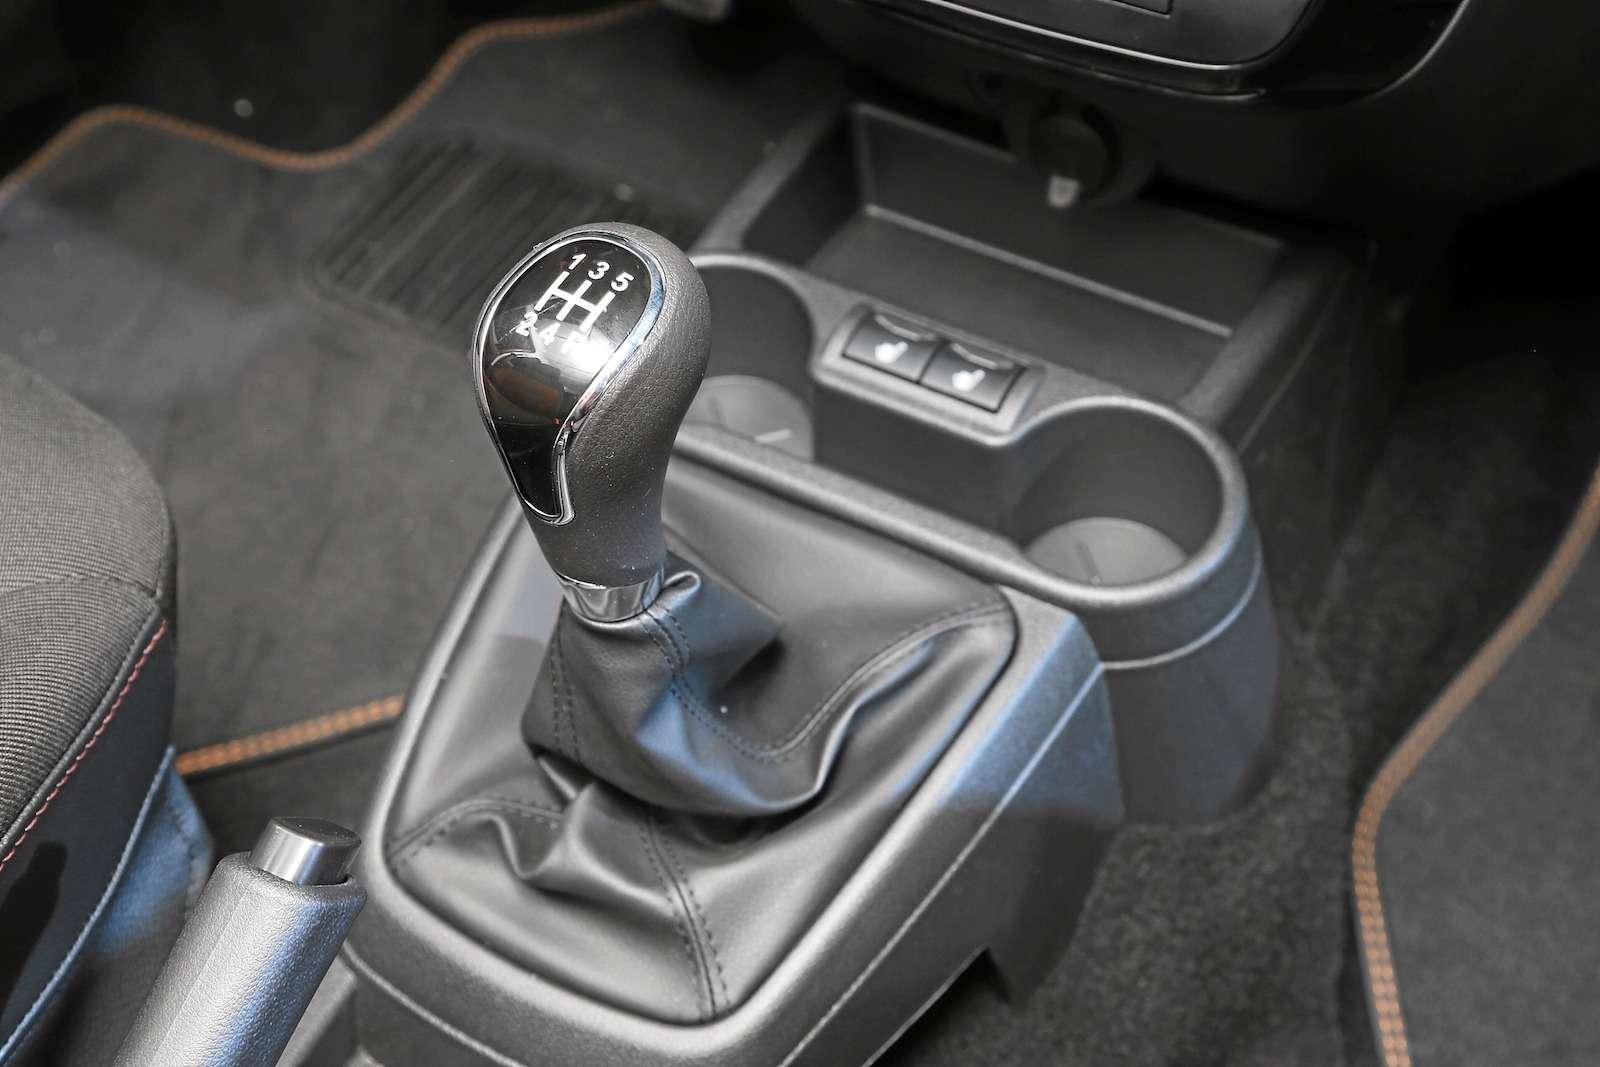 Обновленная Lada Granta представлена официально. Инет, она не подорожала!— фото 899813